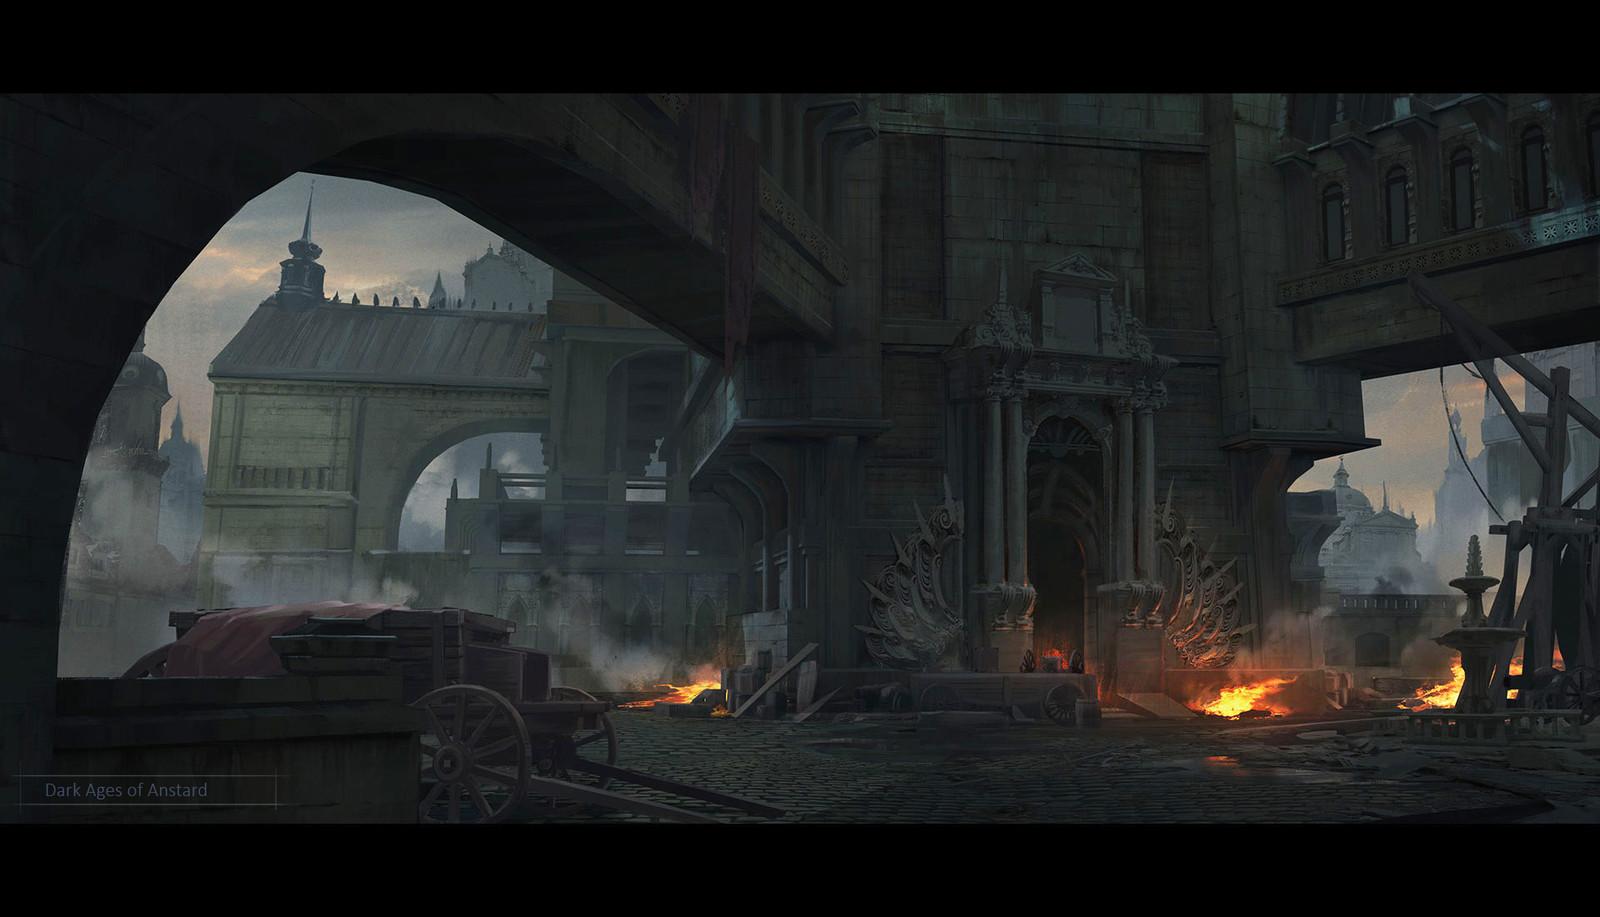 Dark ages of Anstard